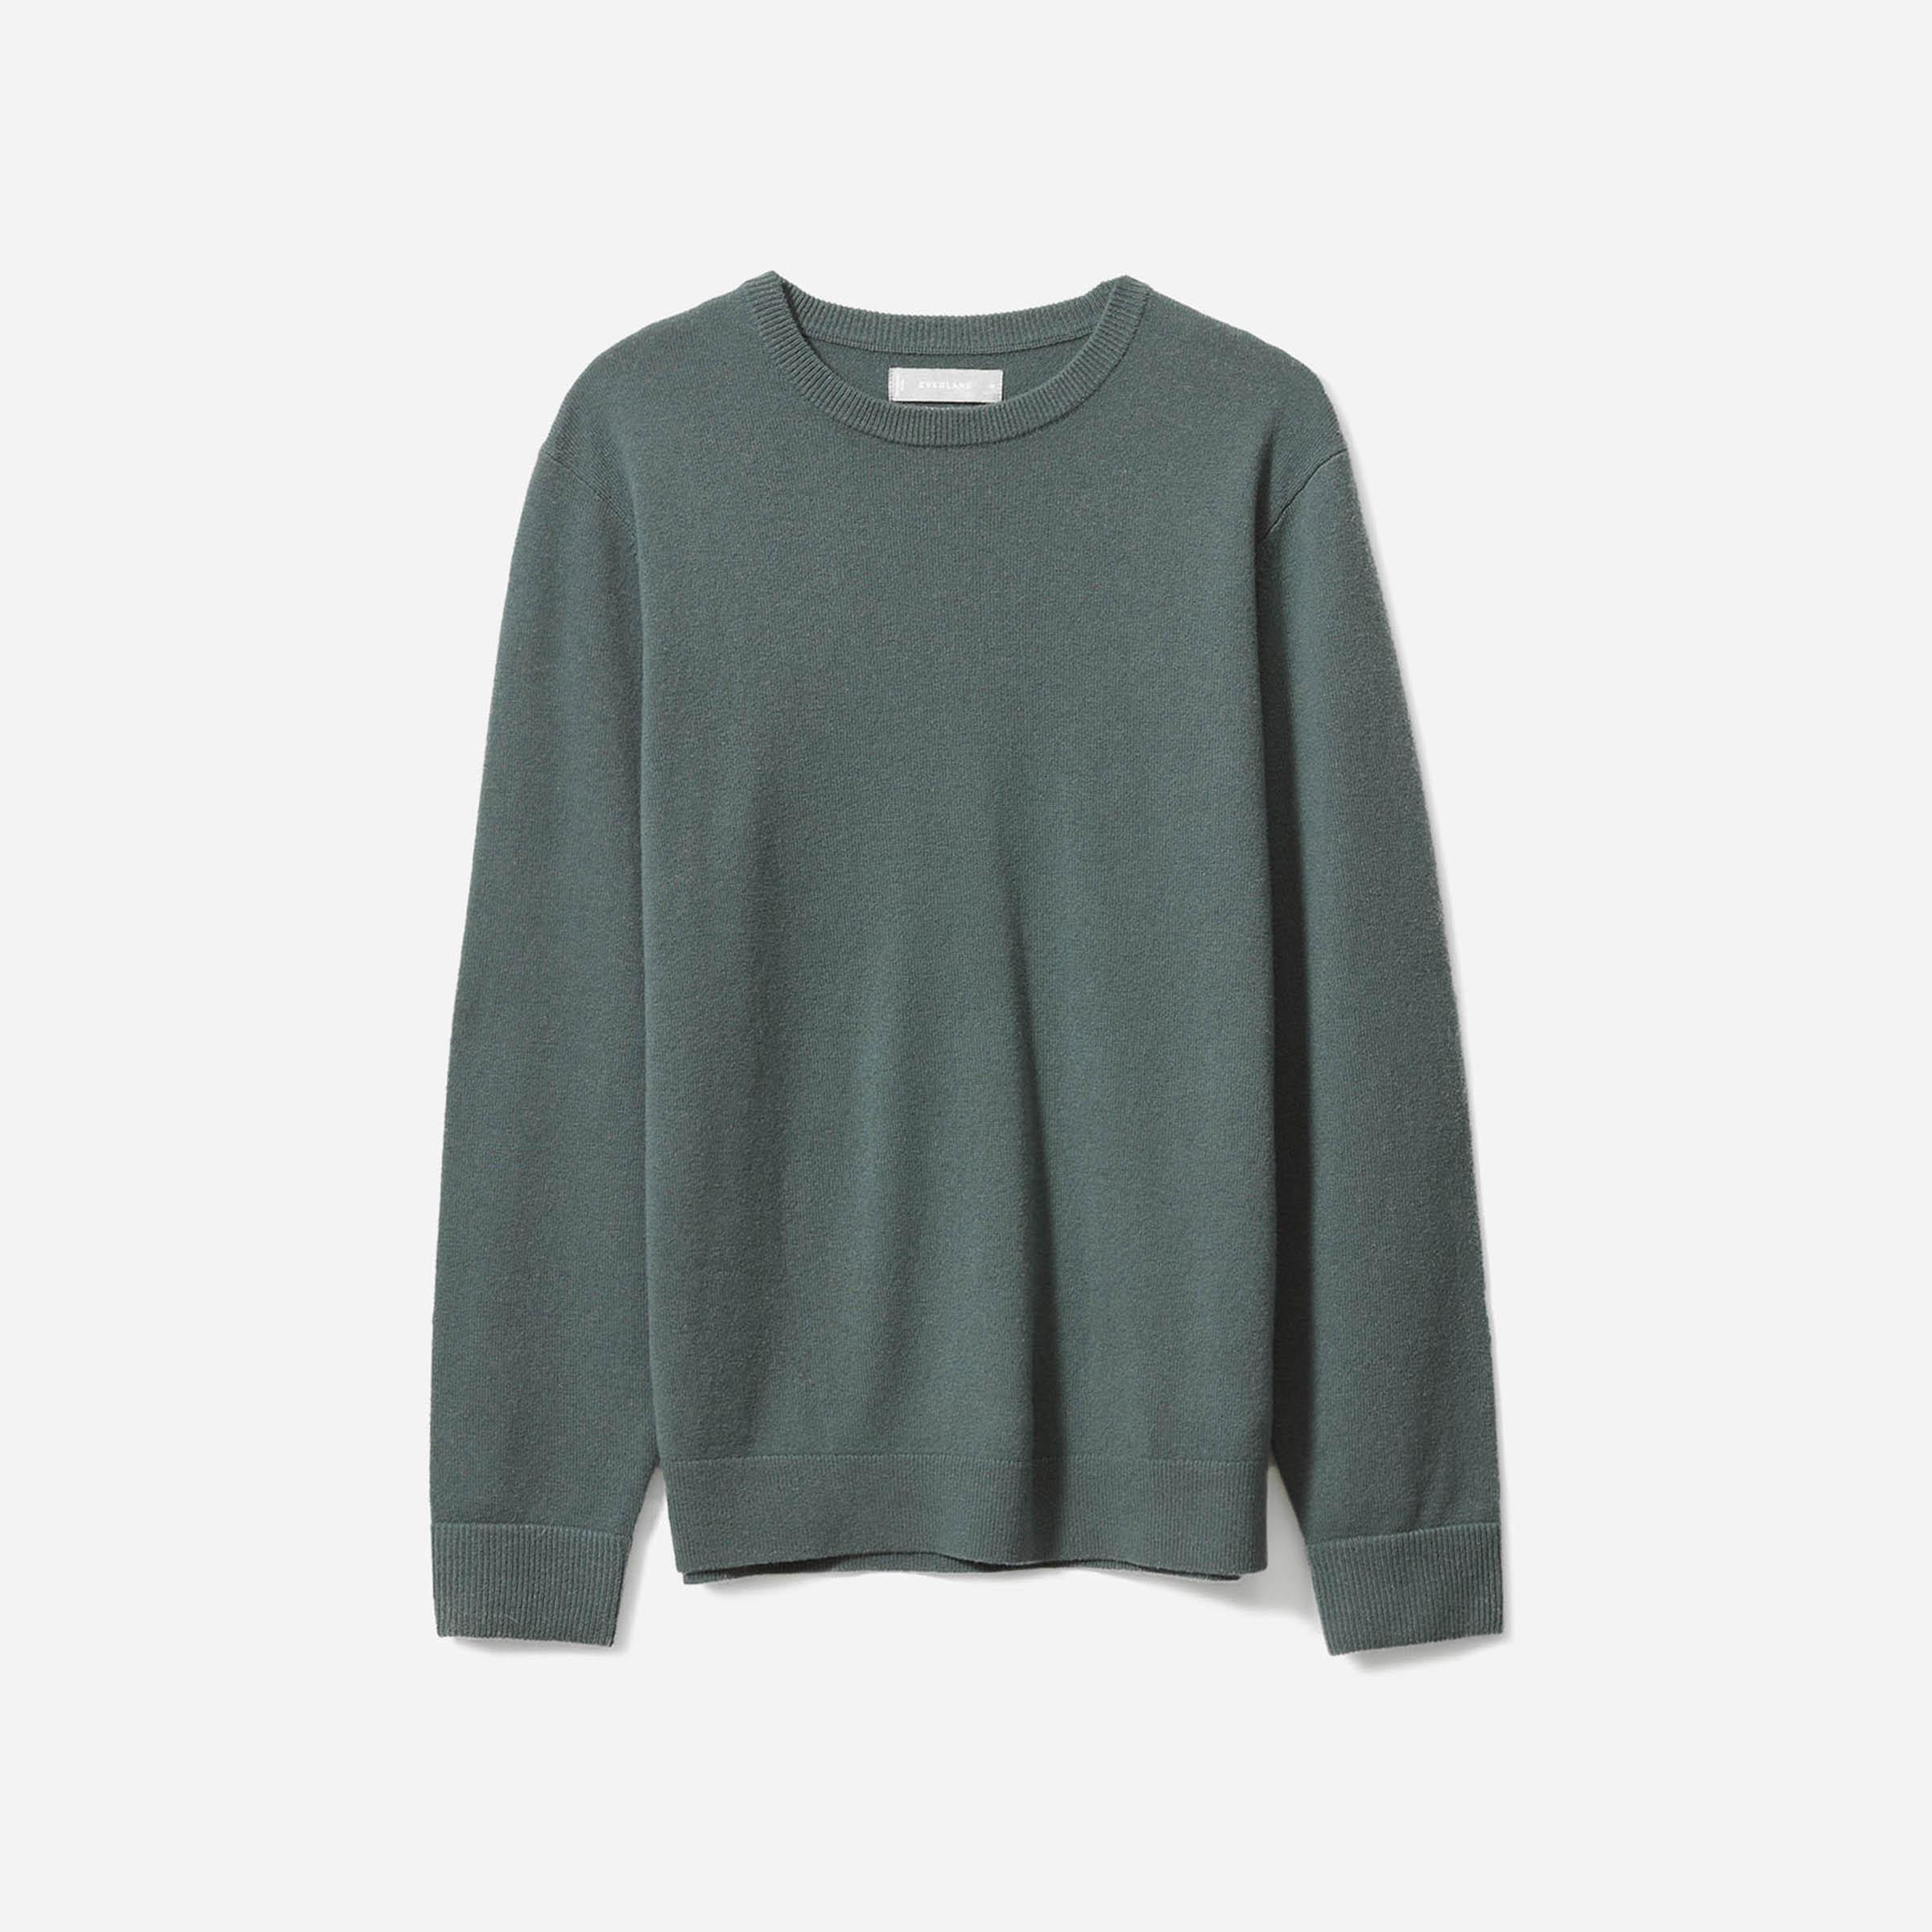 Men s Sweaters - Cashmere, Merino   More   Everlane 7cef3a8dbd